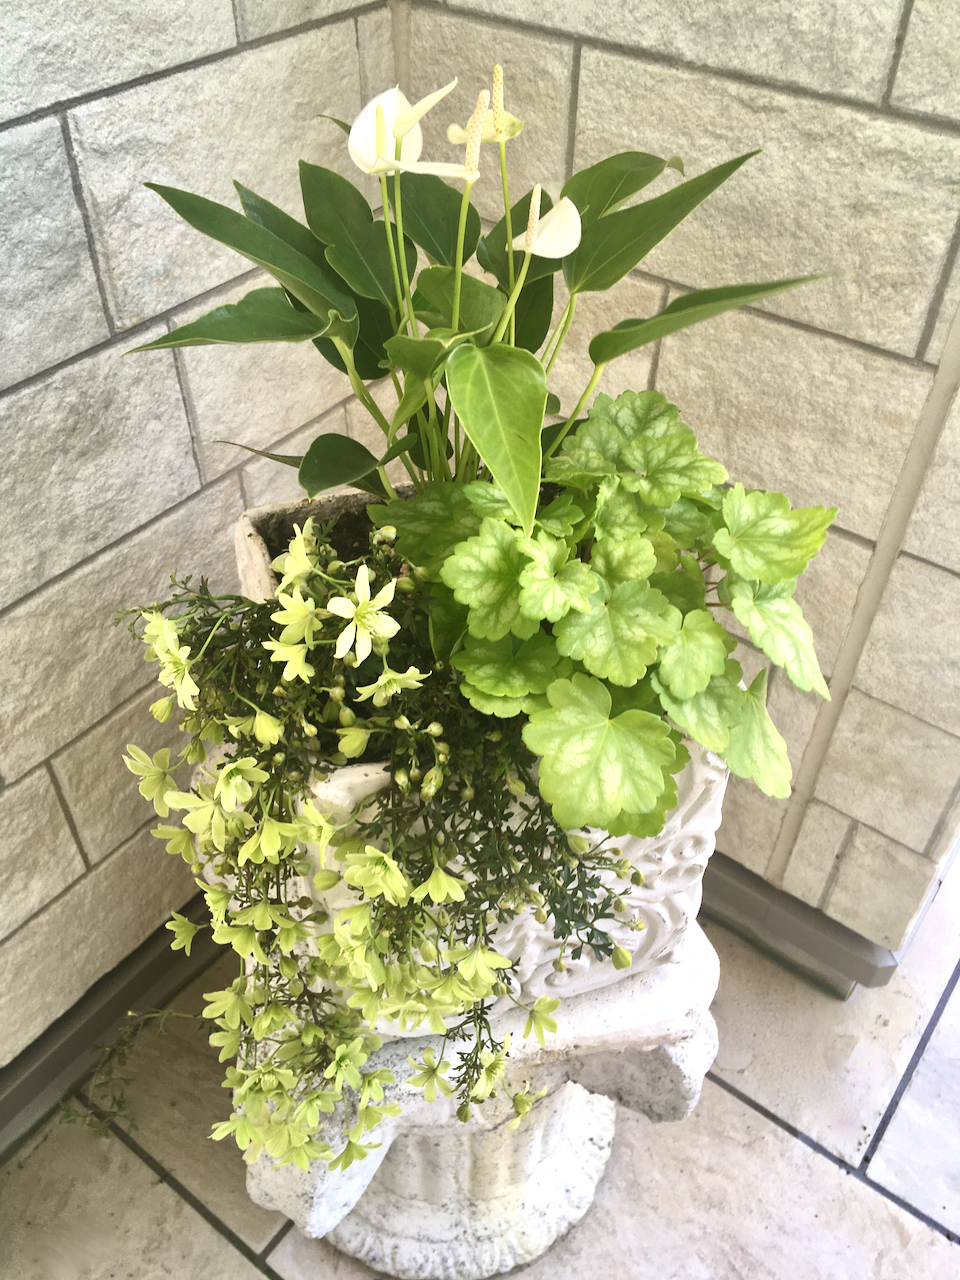 お庭のお花が満開・グリーンも綺麗!_1_3-1